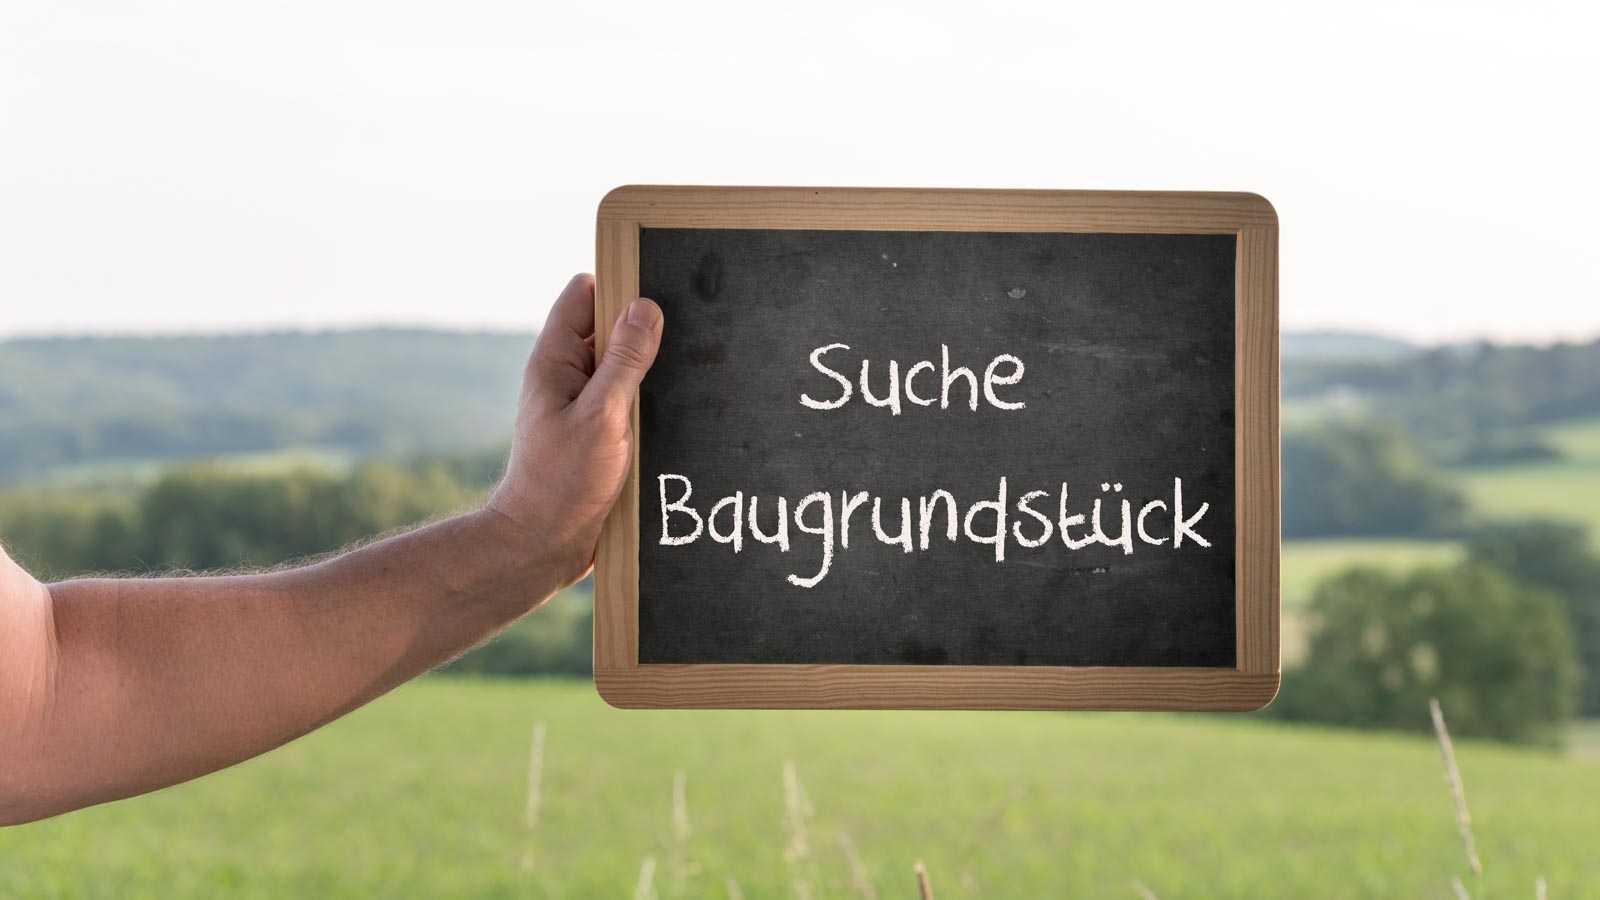 """Schild mit der Aufschrift """"Suche Baugrundstück"""" wird vor dem Hintergrund einer Landschaft ins Bild gehalten"""